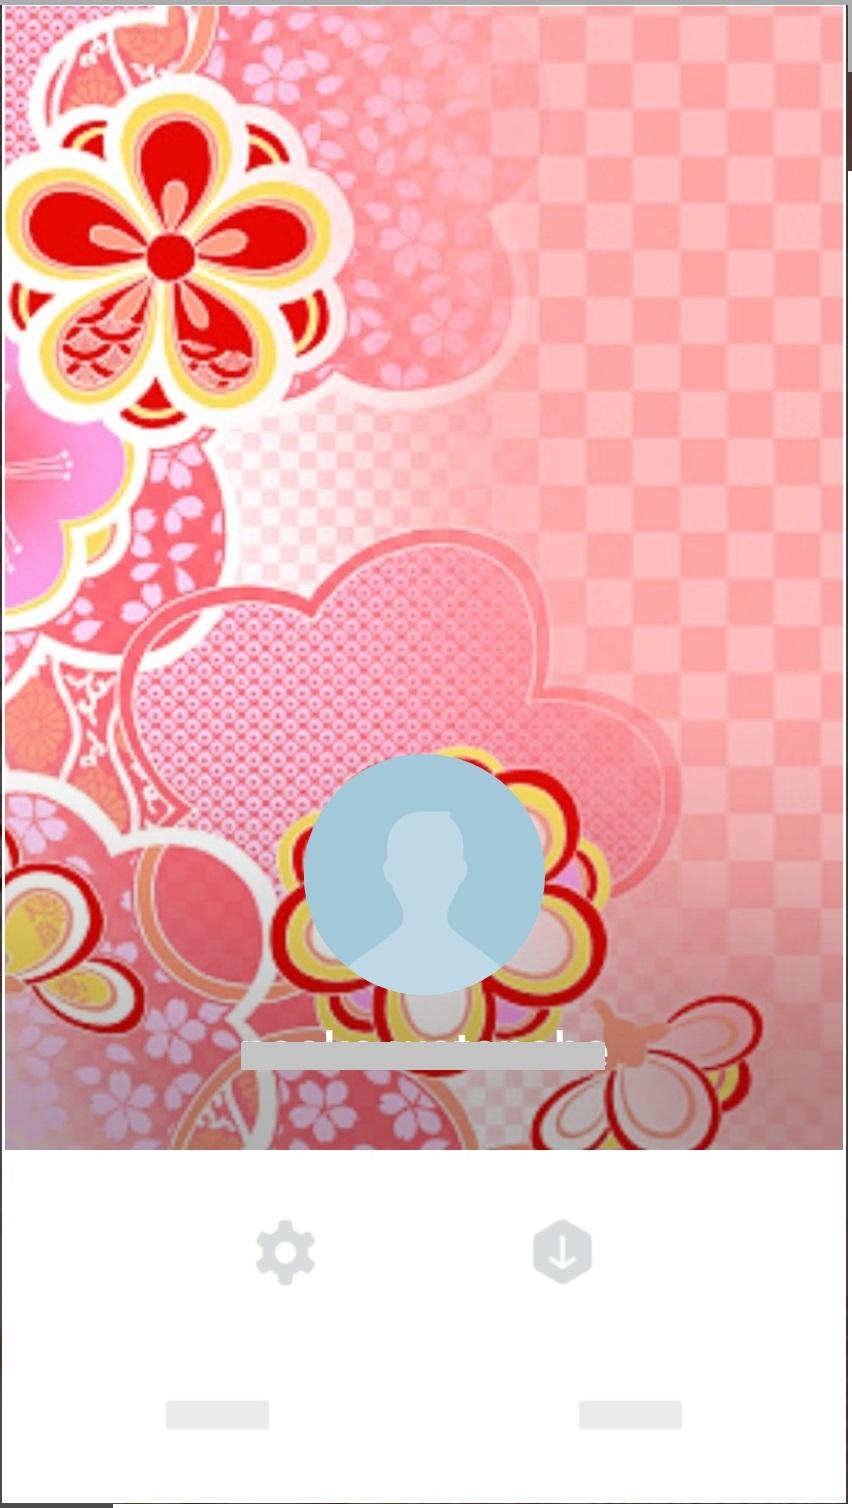 Lineホーム画面を可愛く かわいいホーム画像の壁紙素材集 アプリ